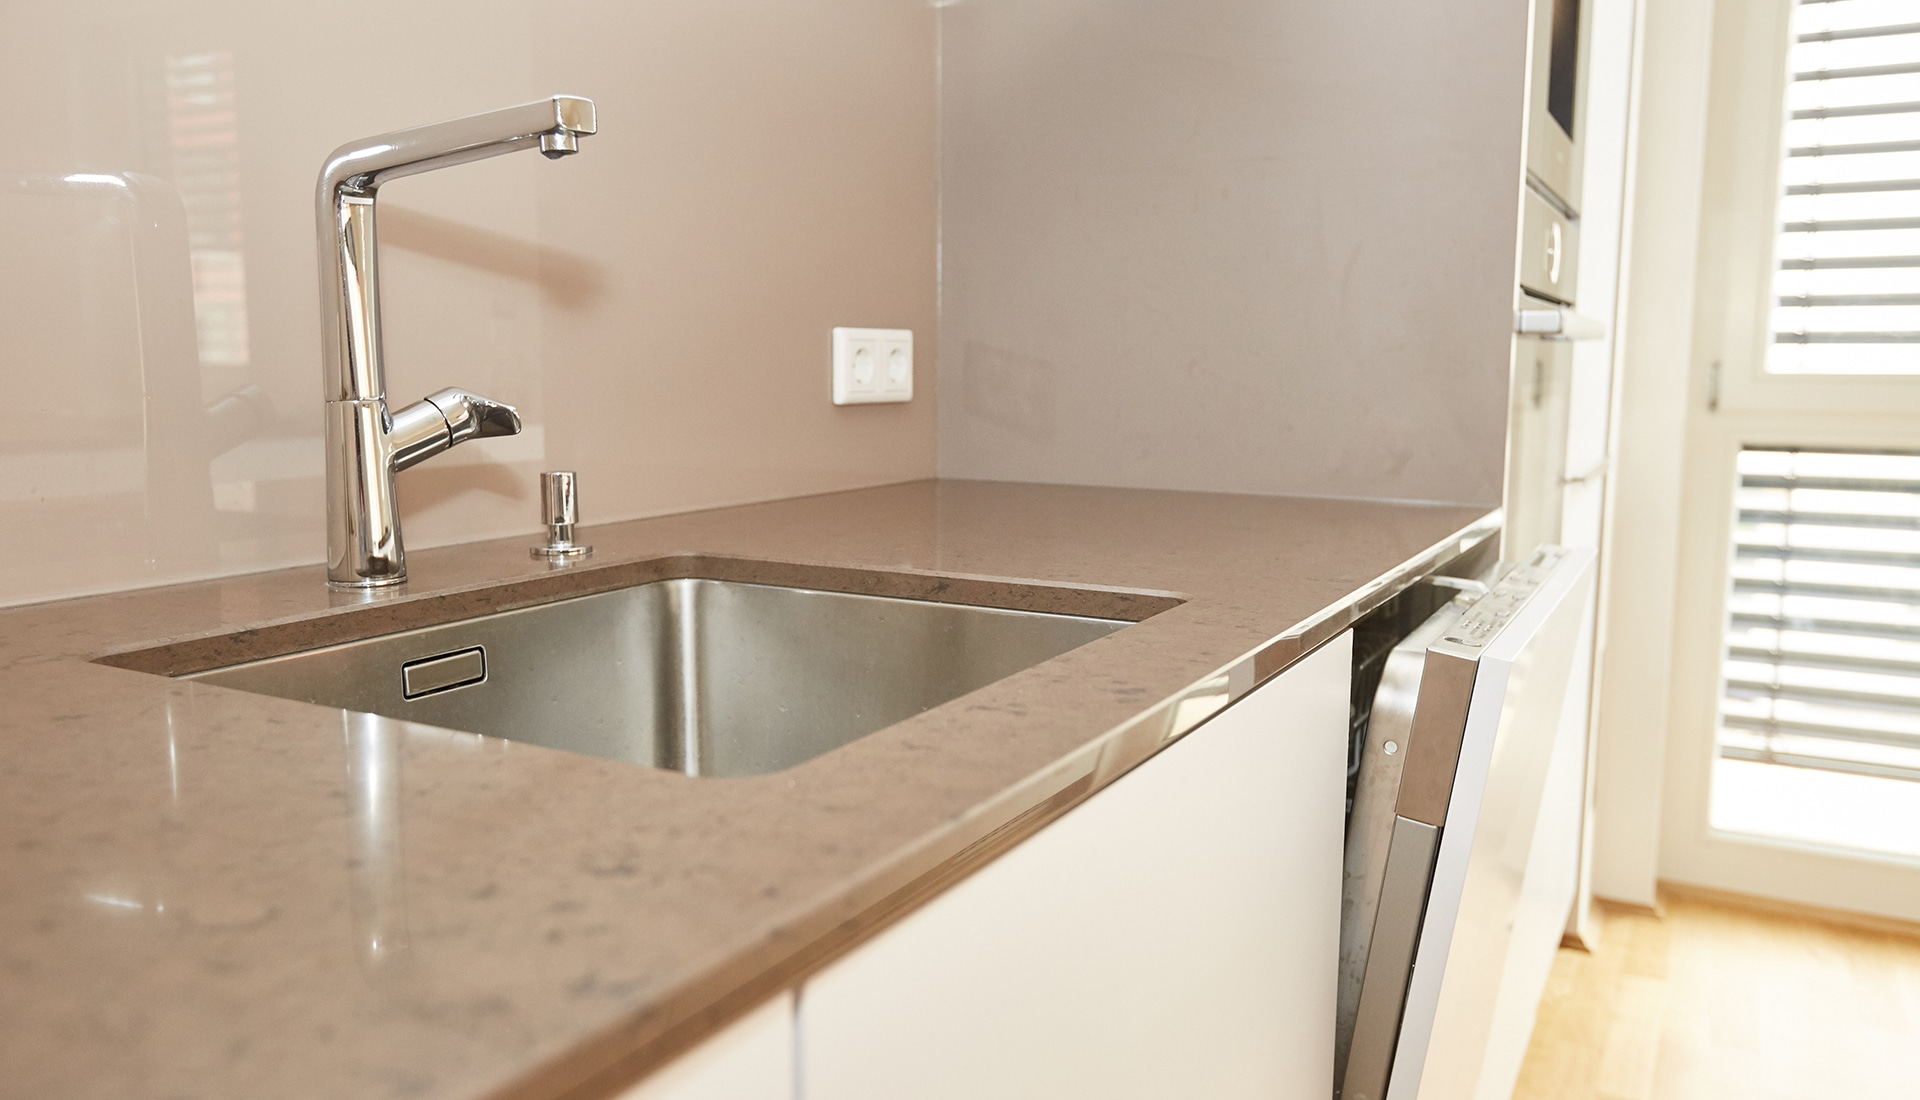 Wunderbar Entwirft Küchen Bilder Galerie - Küche Set Ideen ...